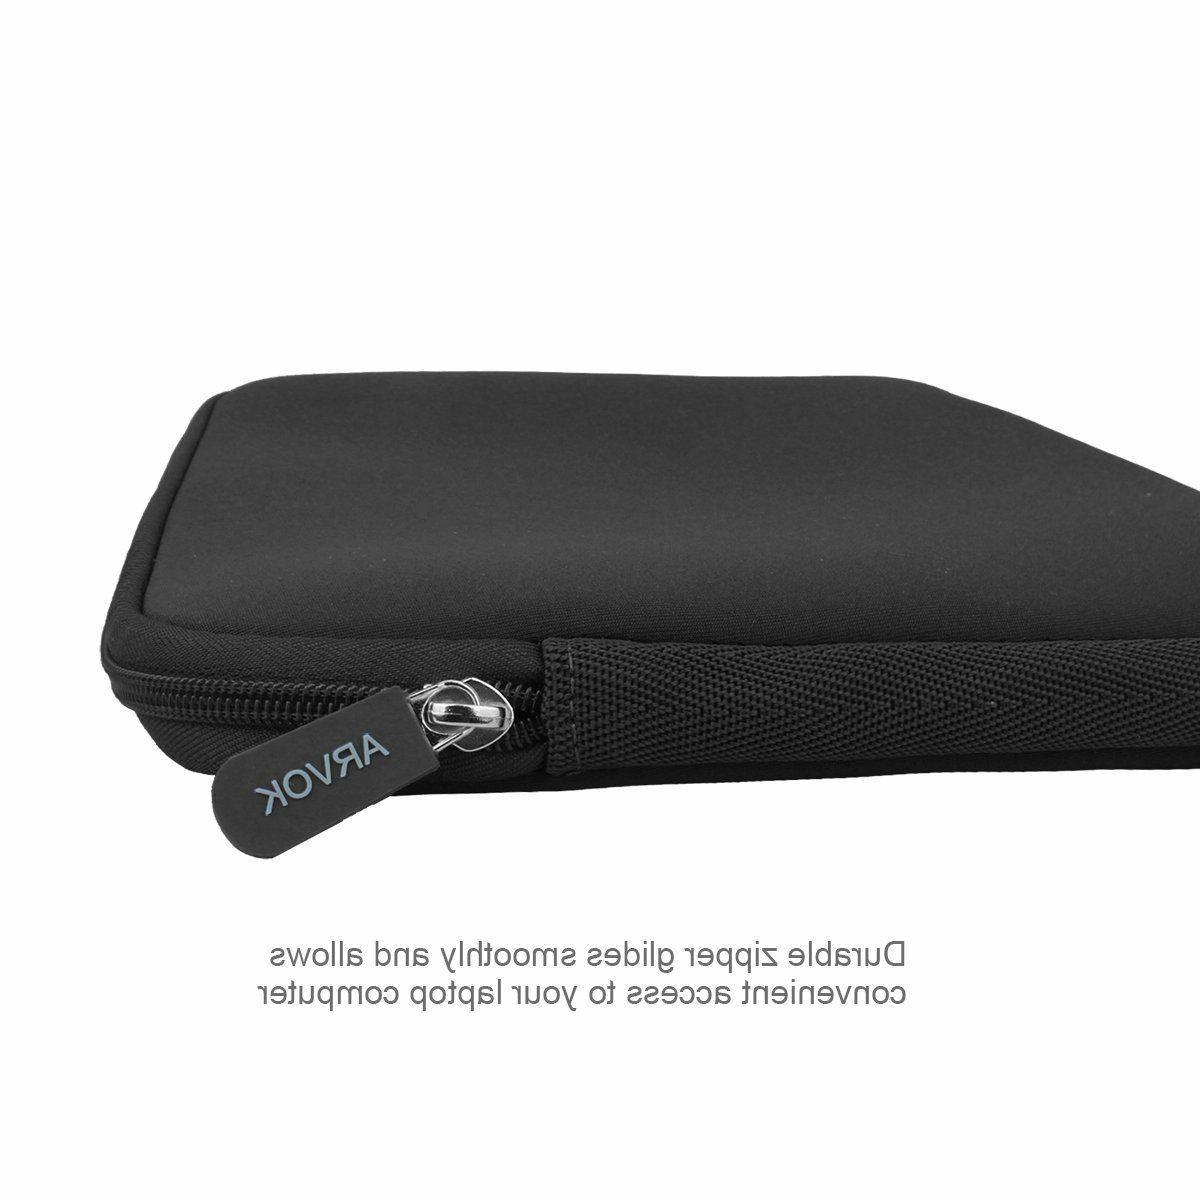 17-17.3 Inch Tablet Bag